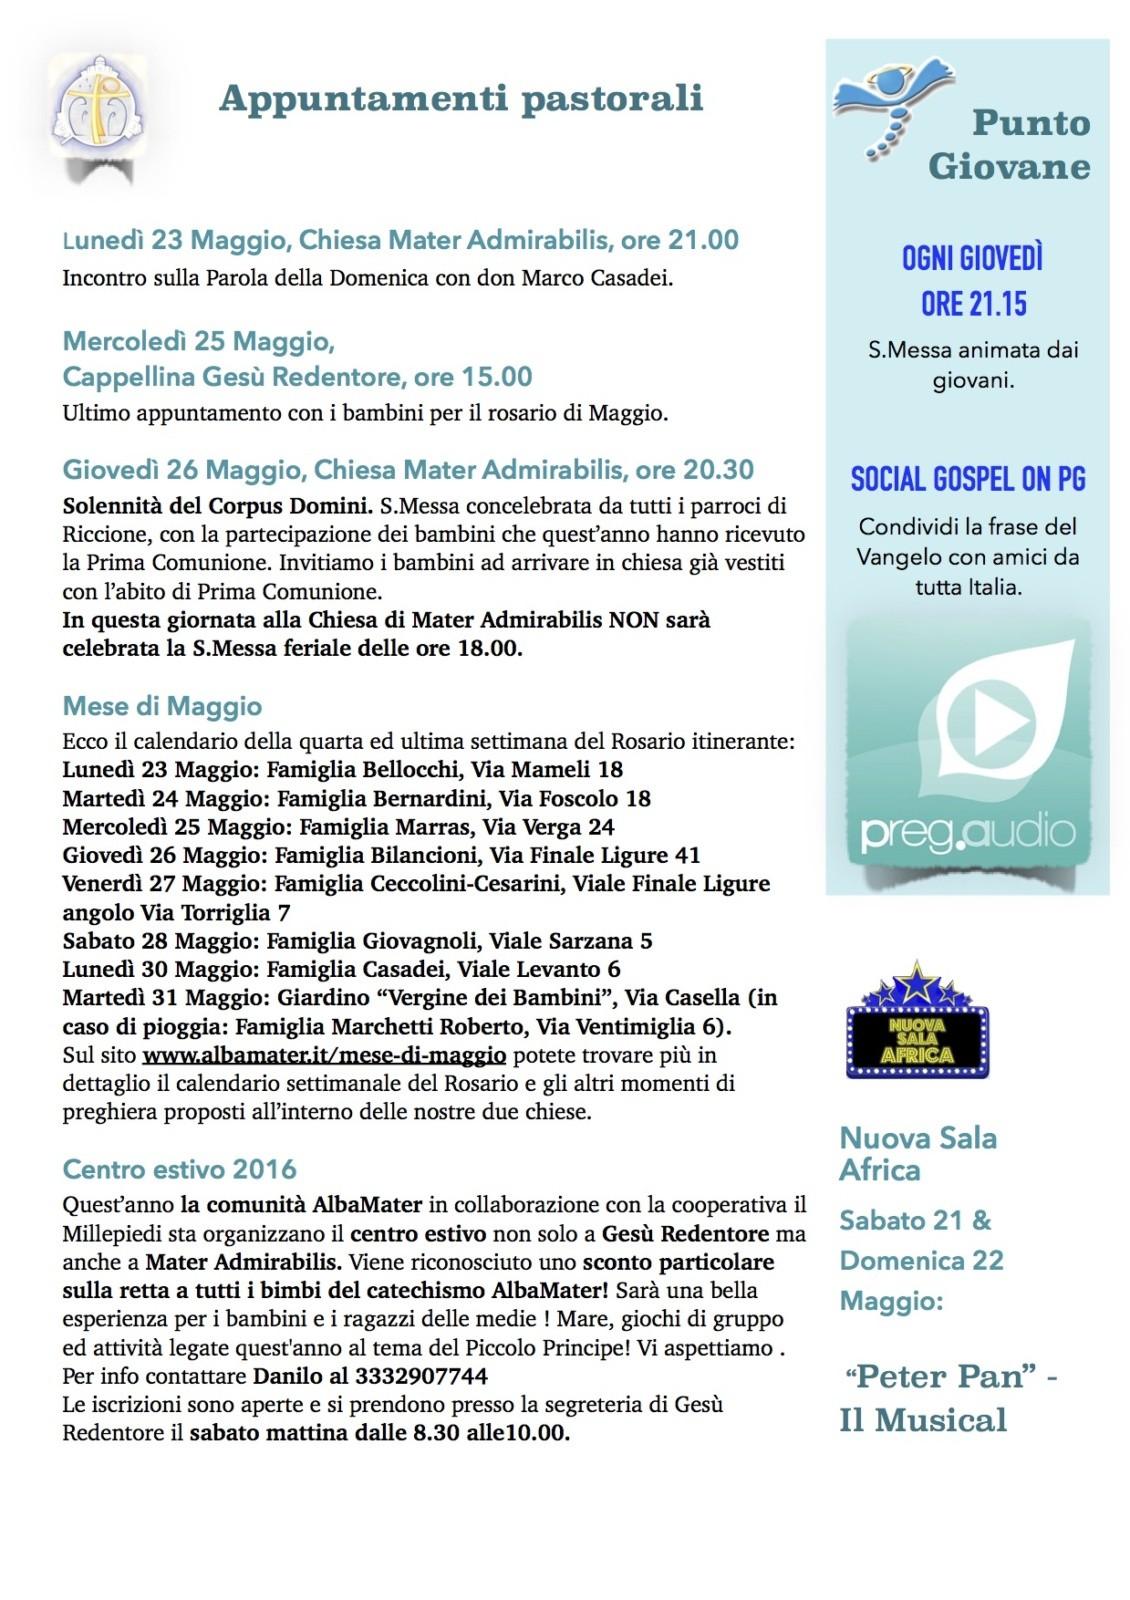 Newsletter 21 Maggio